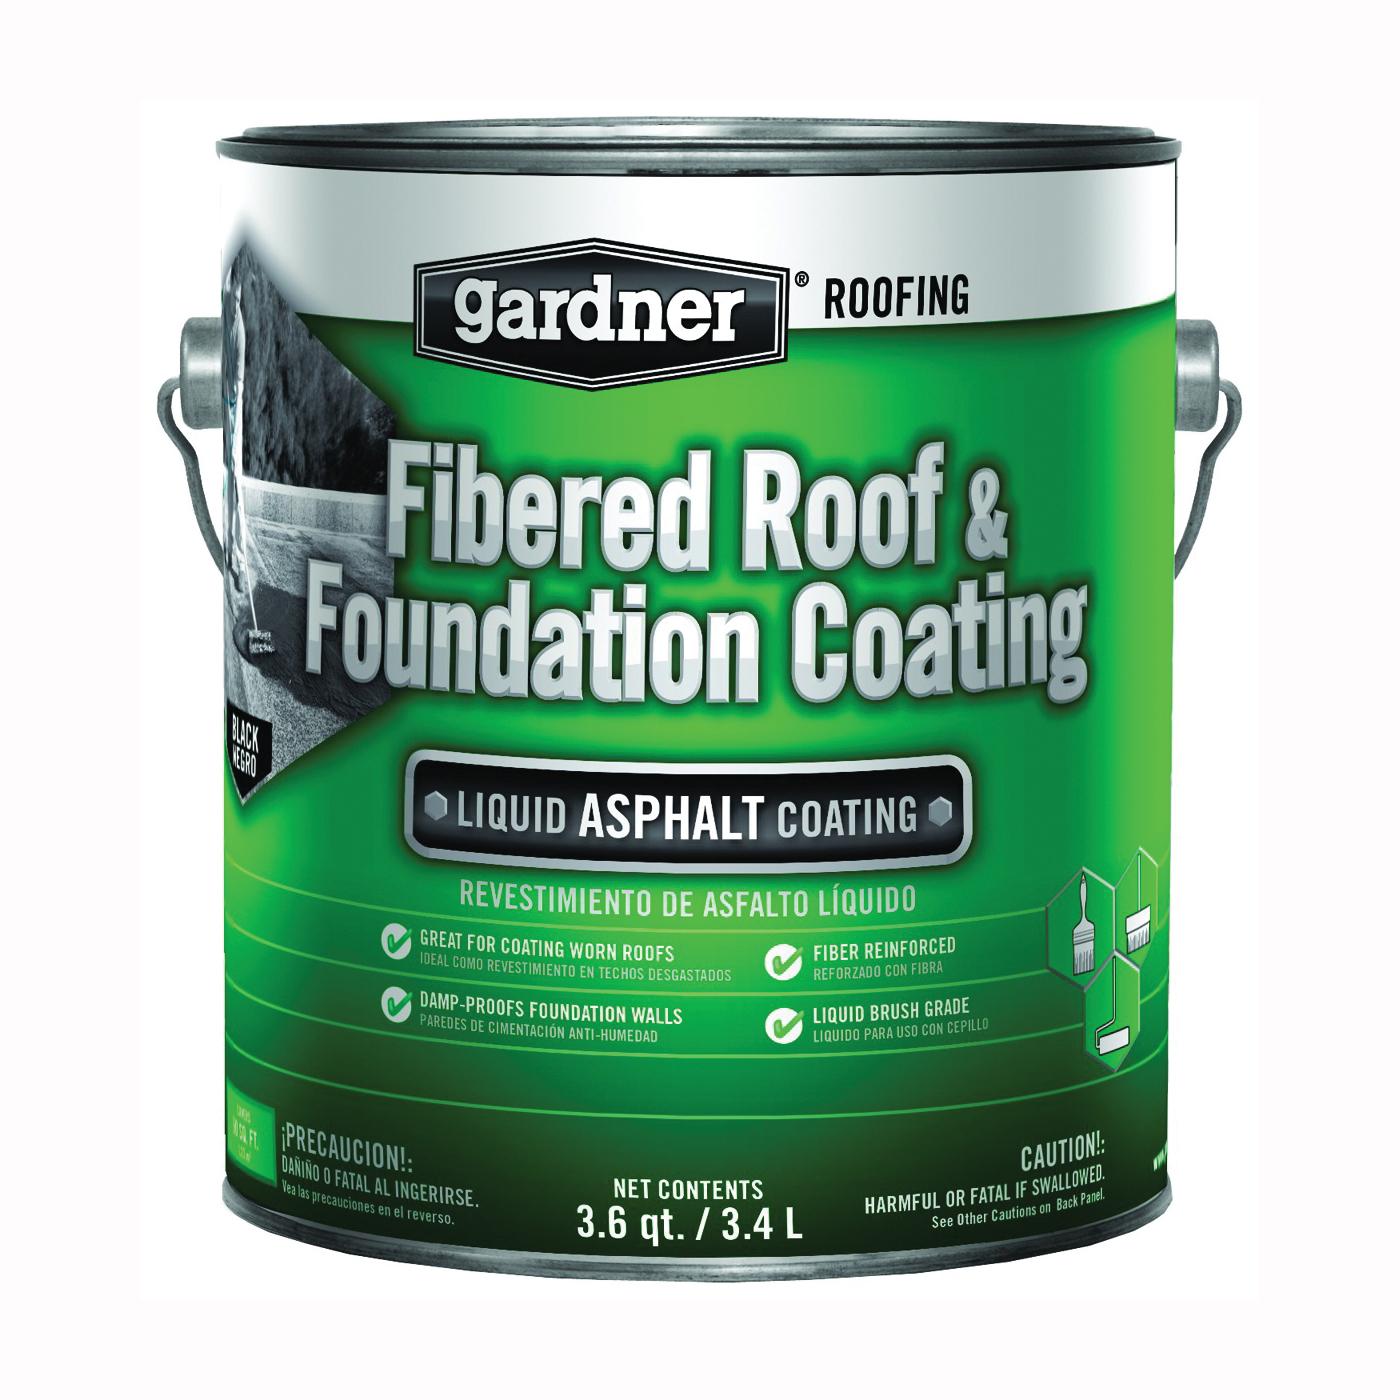 Picture of Gardner 0101-GA Roof Coating, Black, 3.4 L, Liquid